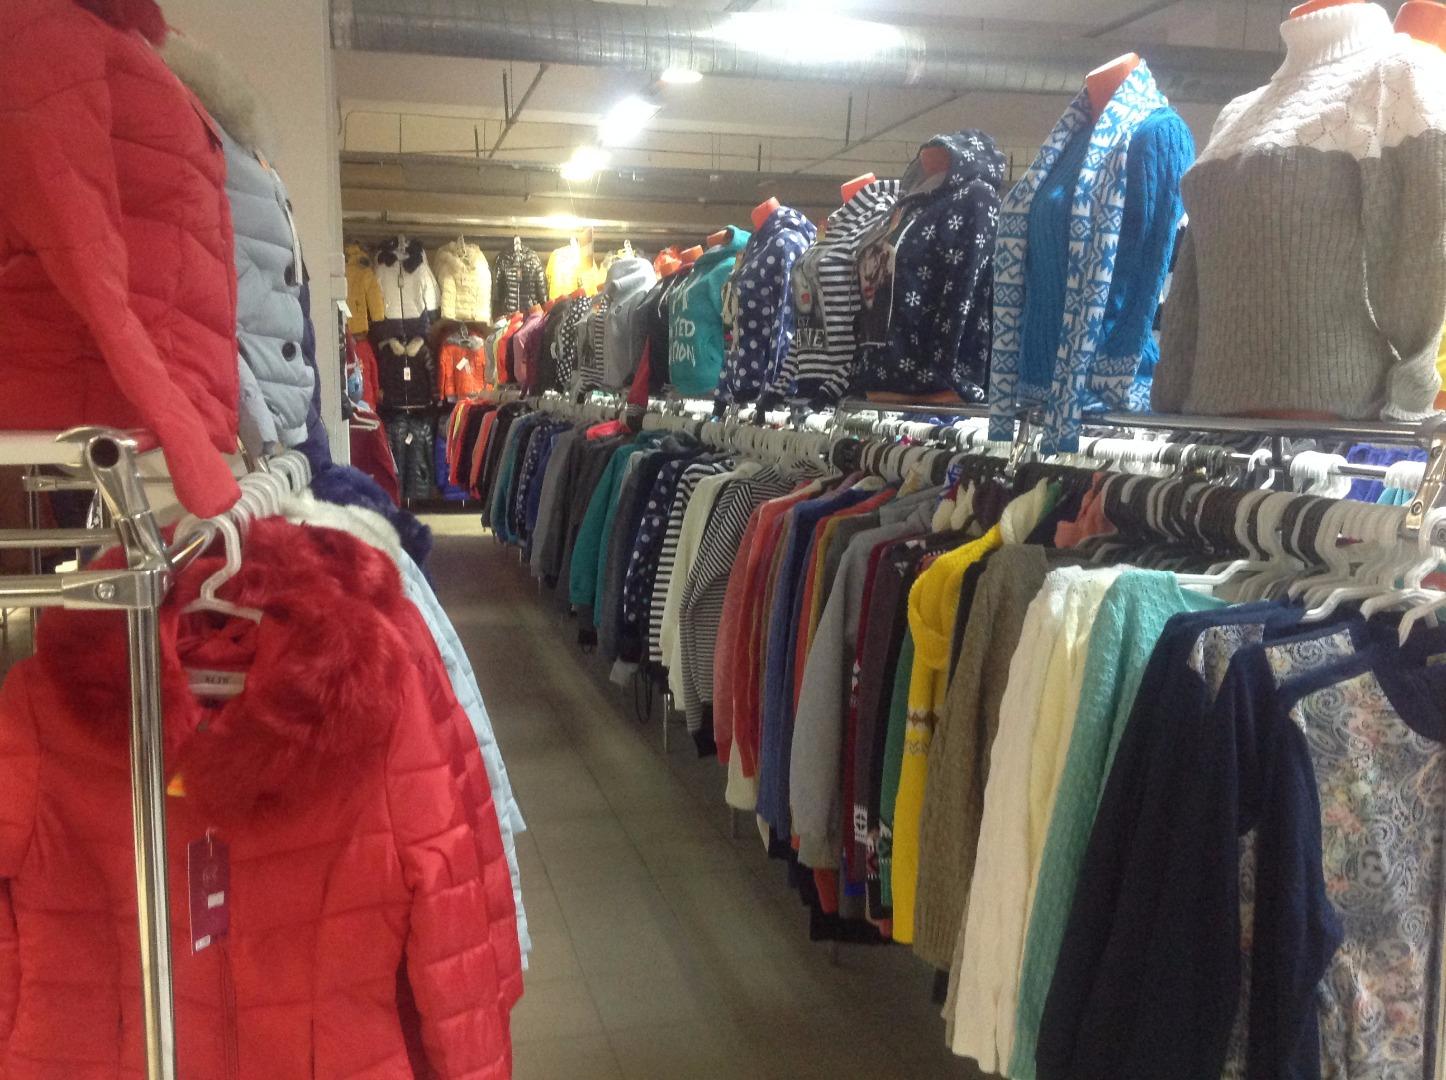 4a430c5ee33aa Чтобы купить недорогую одежду в Самаре, стоит обратиться в магазин «Планета  Одежда-Обувь». Здесь предлагают товары для семей со средним уровнем  достатка, ...